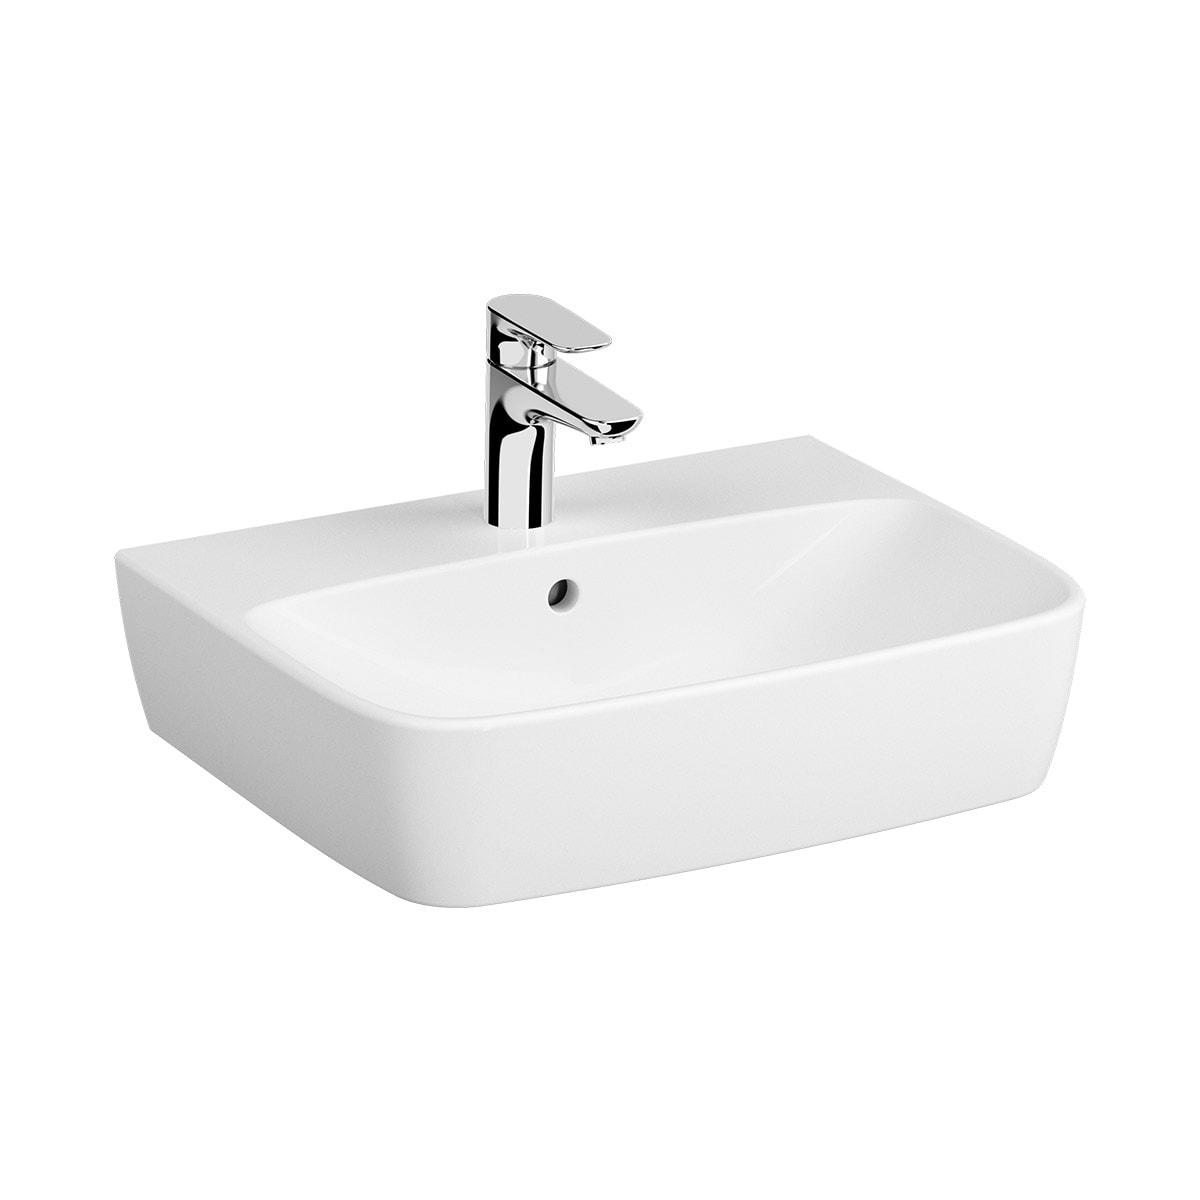 Washbasin, 55 cm